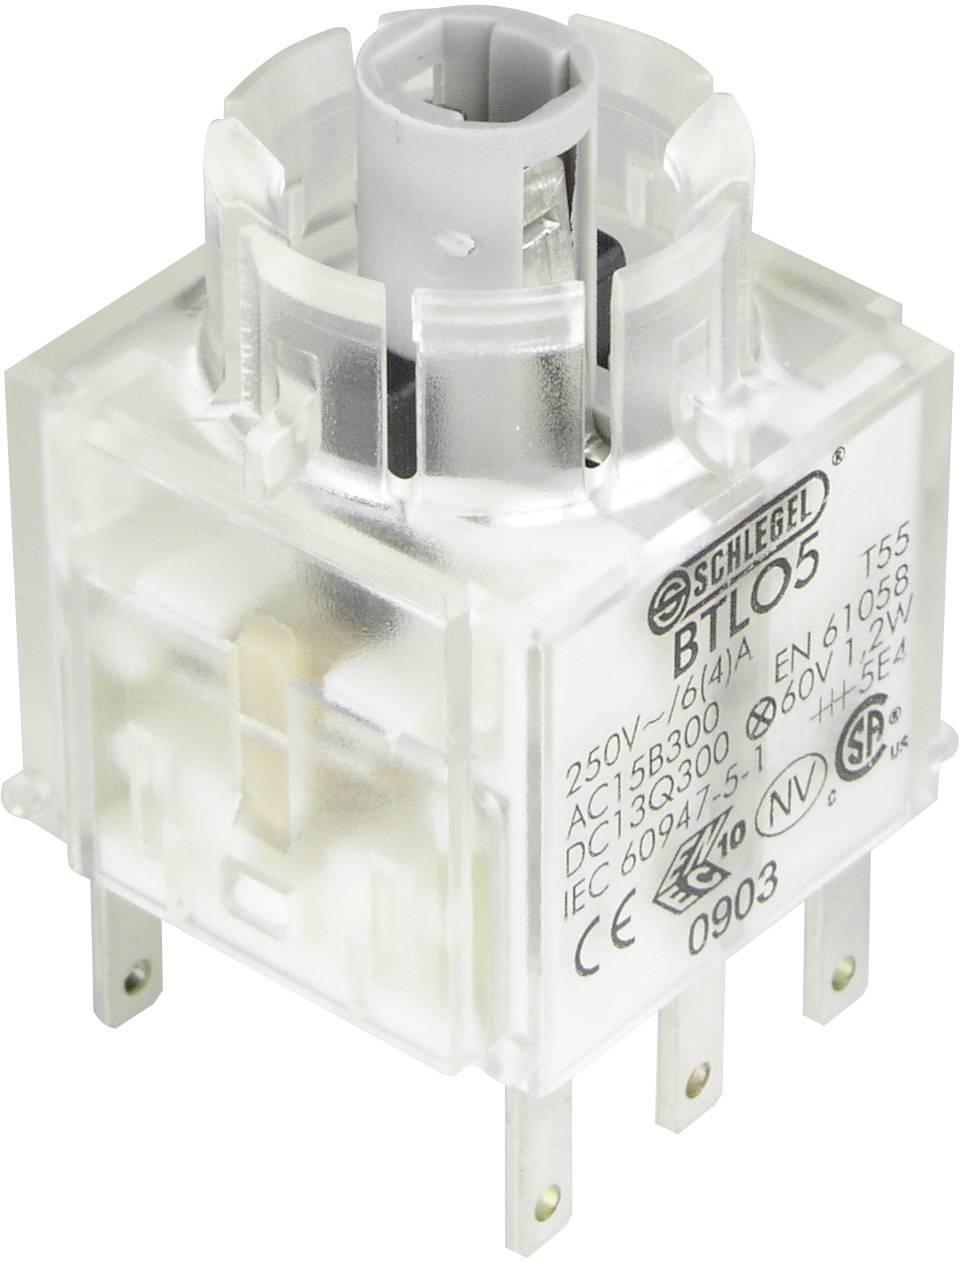 Spínacie kontaktné teleso s objímkou lampičky Schlegel BTLO5, 2 rozpínacie, bez aretácie, 250 V, 1 ks